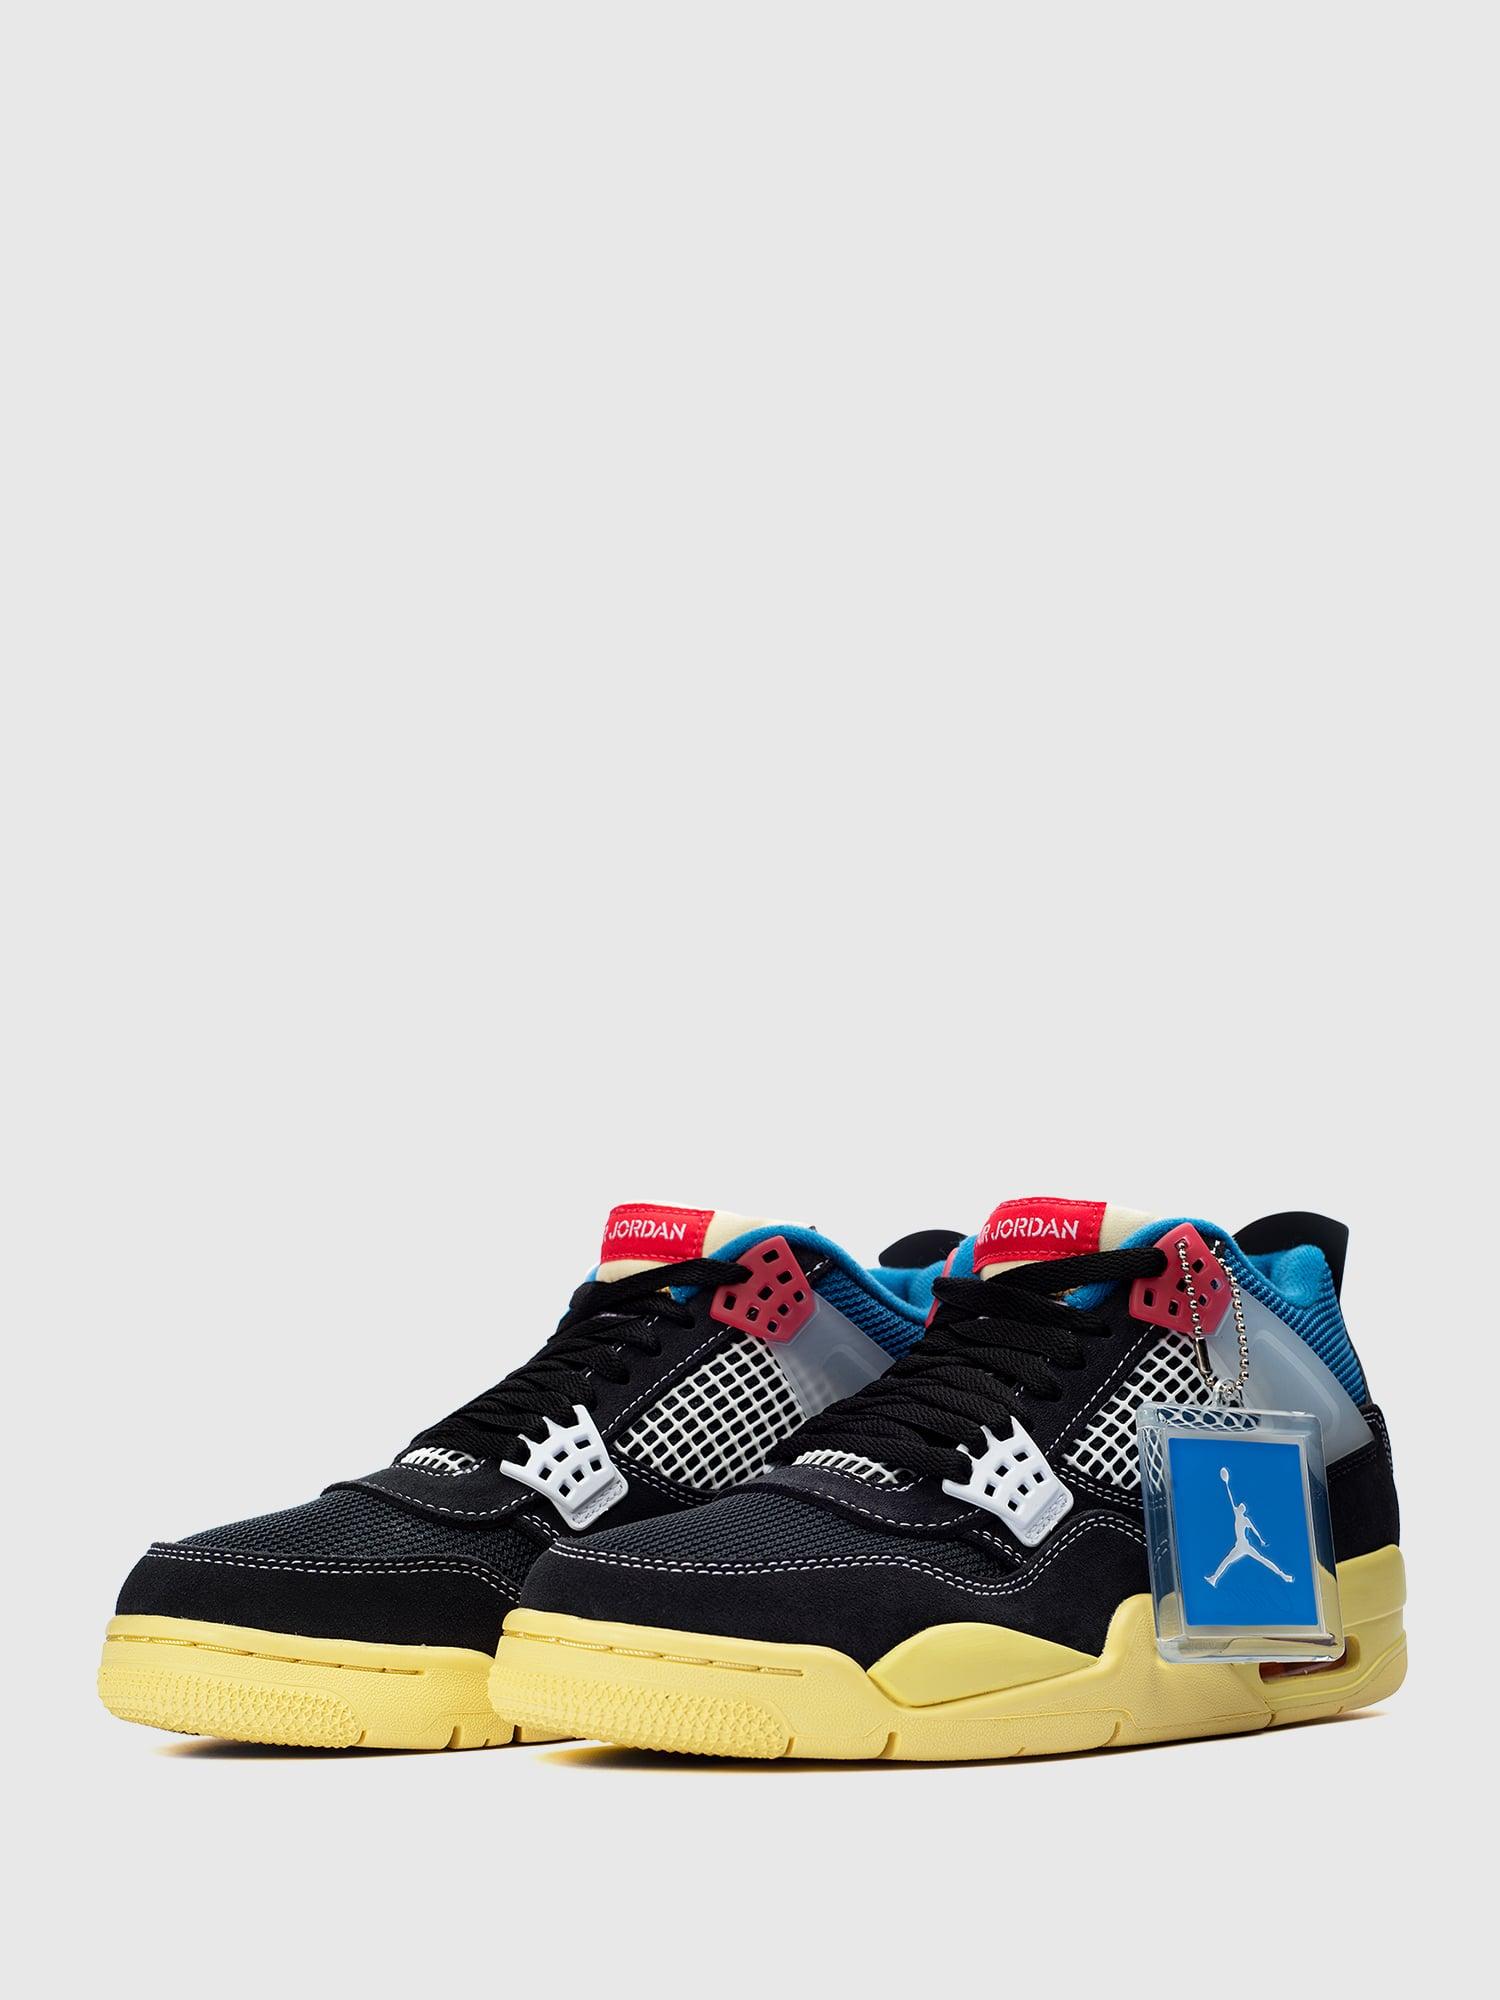 Union LA x Air Jordan 4 Retro 'Off Noir'